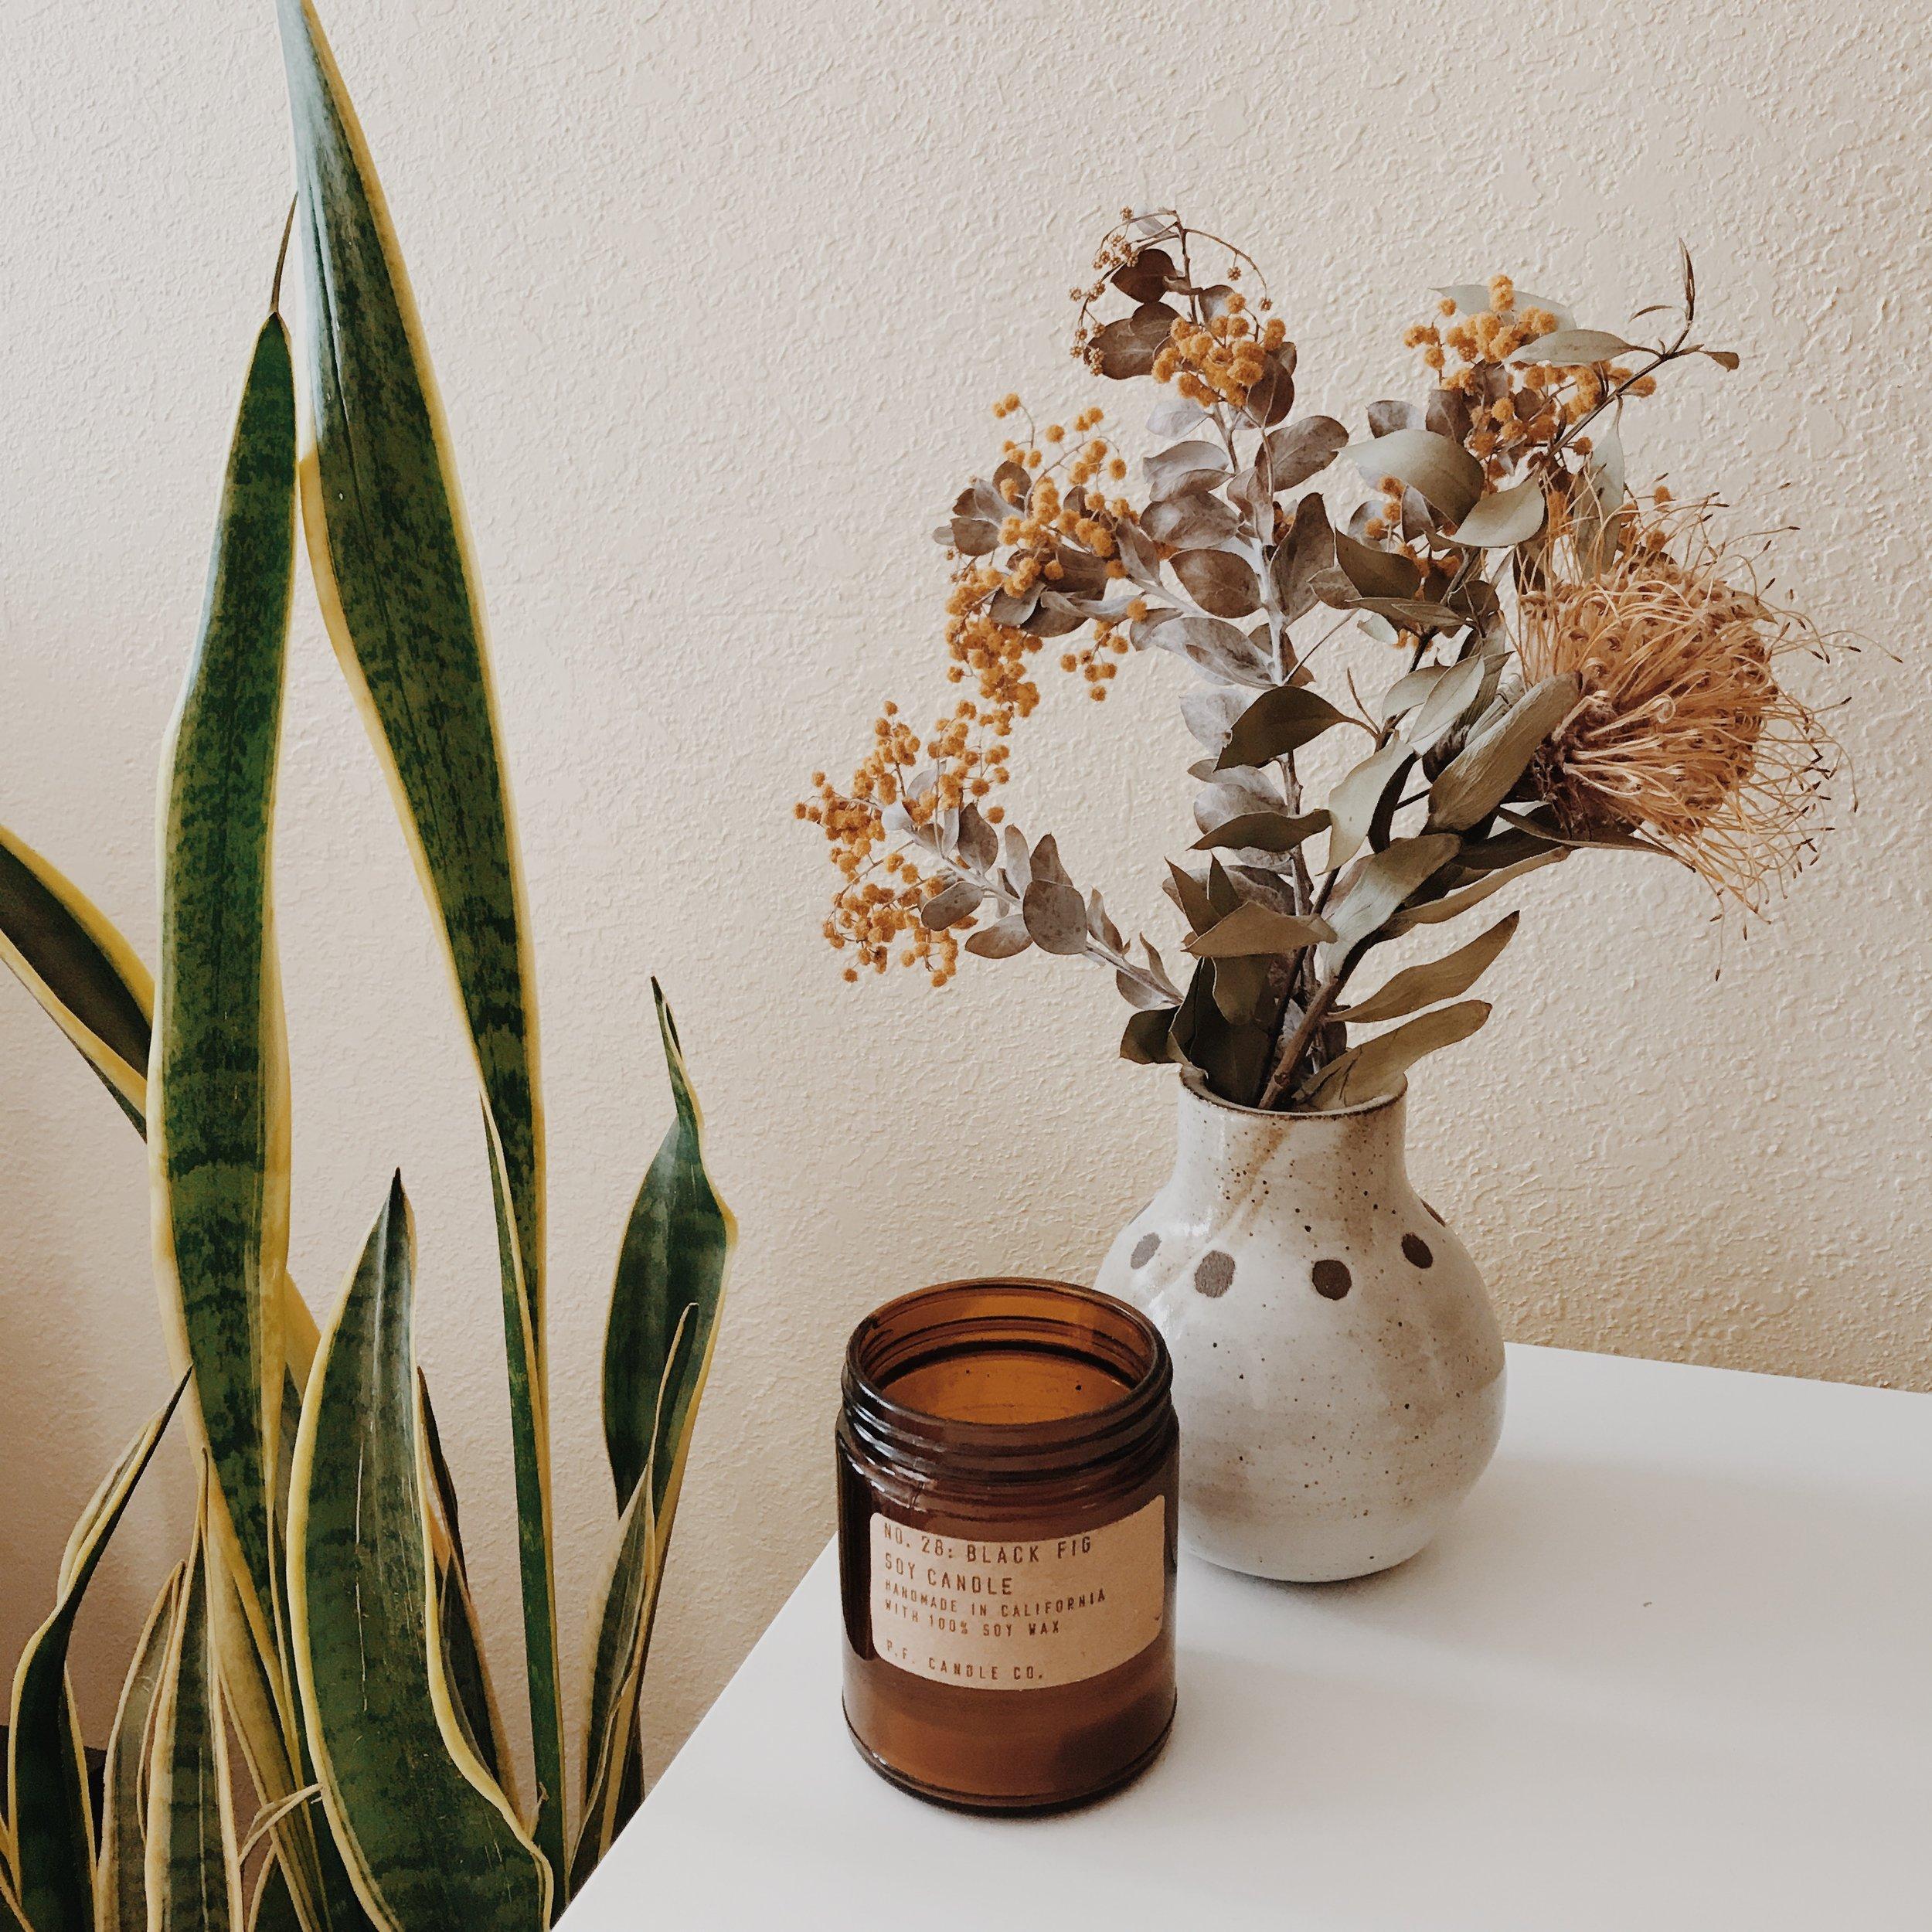 Ceramics by Alyssa M Julian